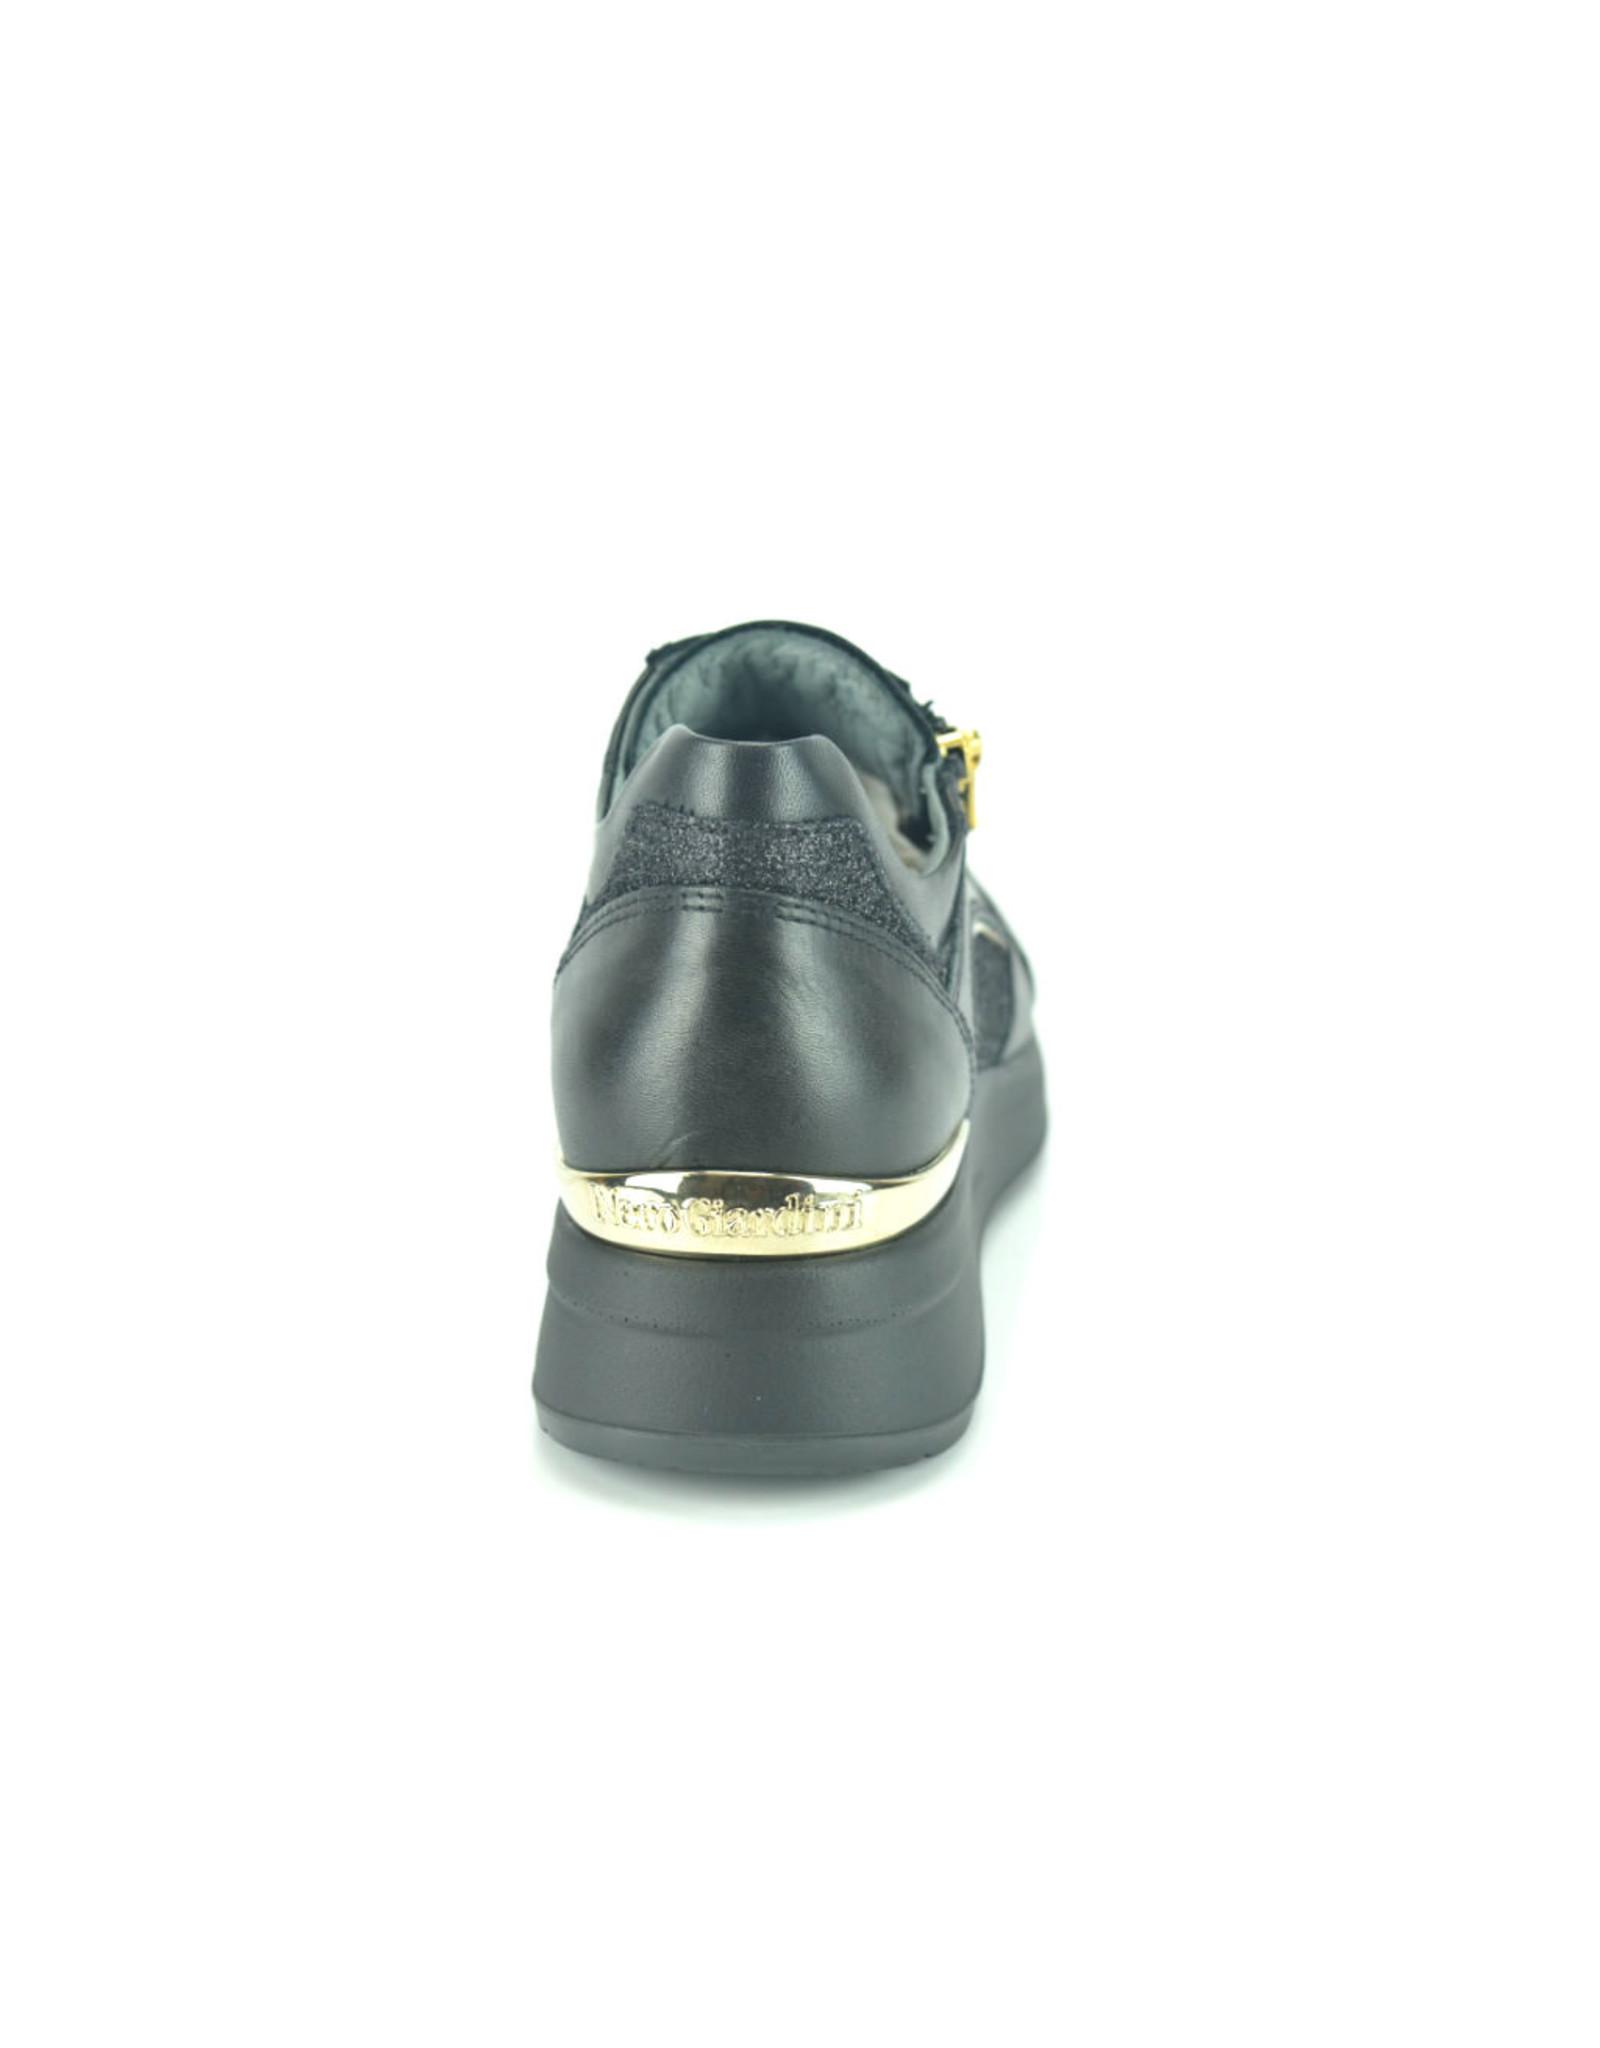 Nero Giardini 8716 zwart